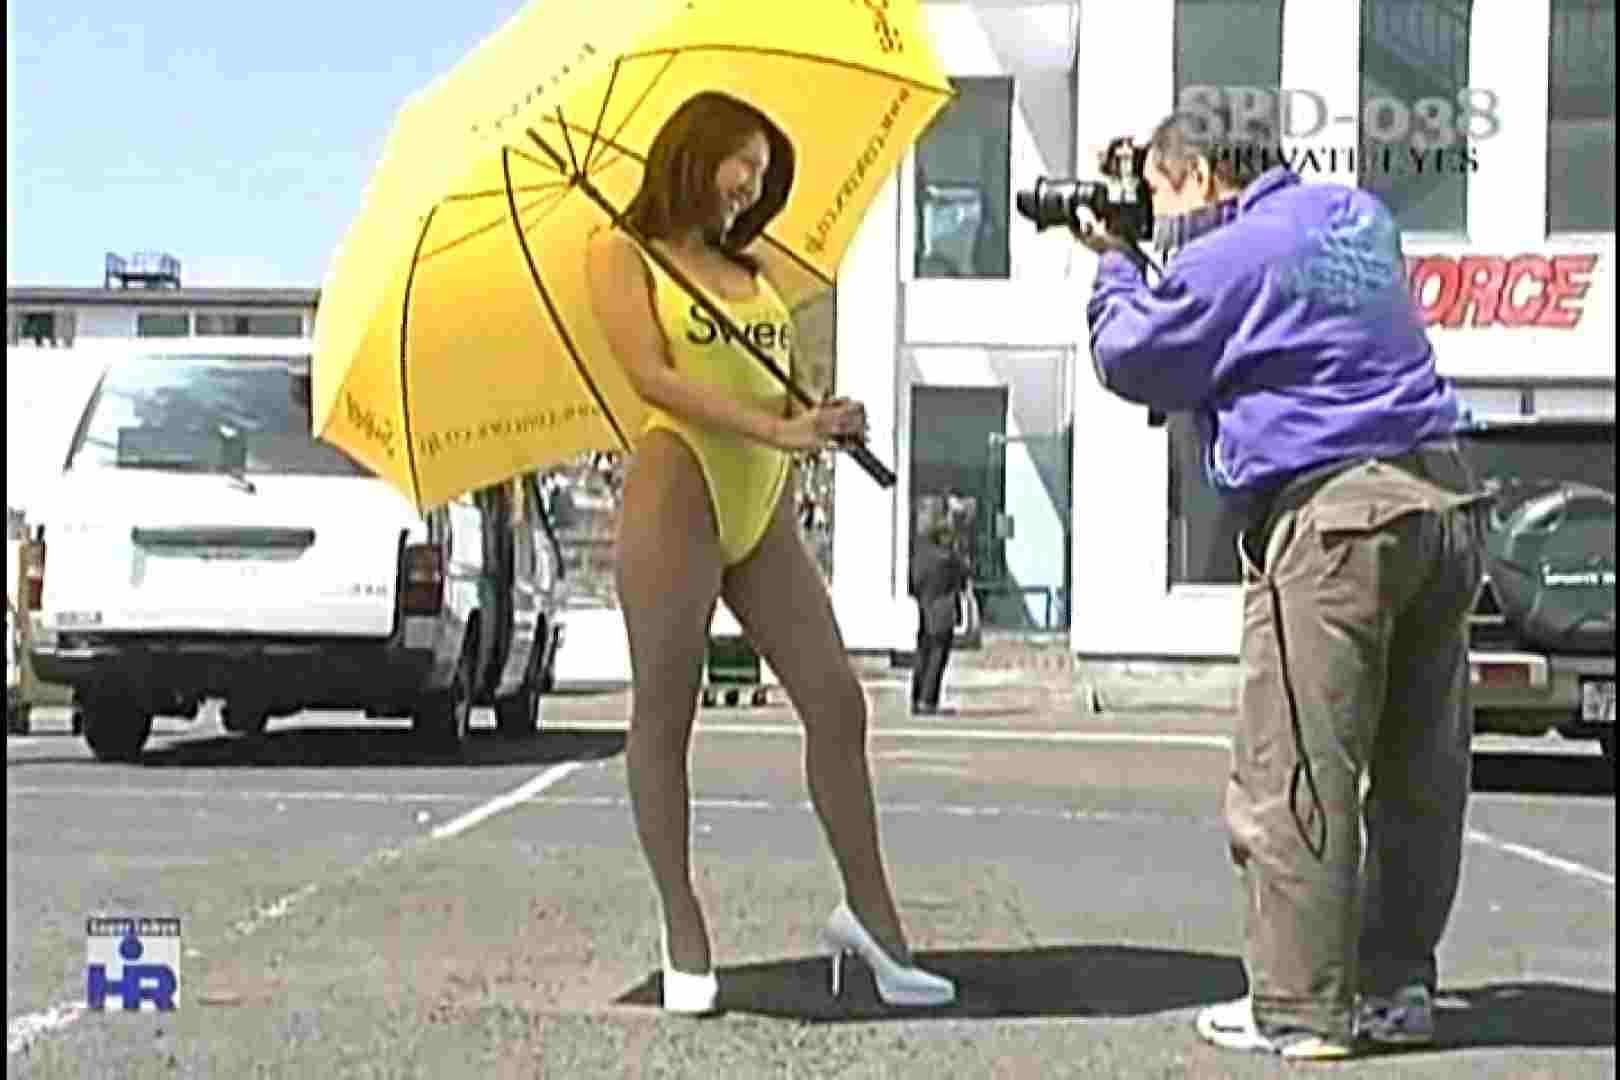 高画質版!SPD-038 サーキットの女神達 仙台ハイランドレースウェイ 名作 盗撮アダルト動画キャプチャ 82画像 65